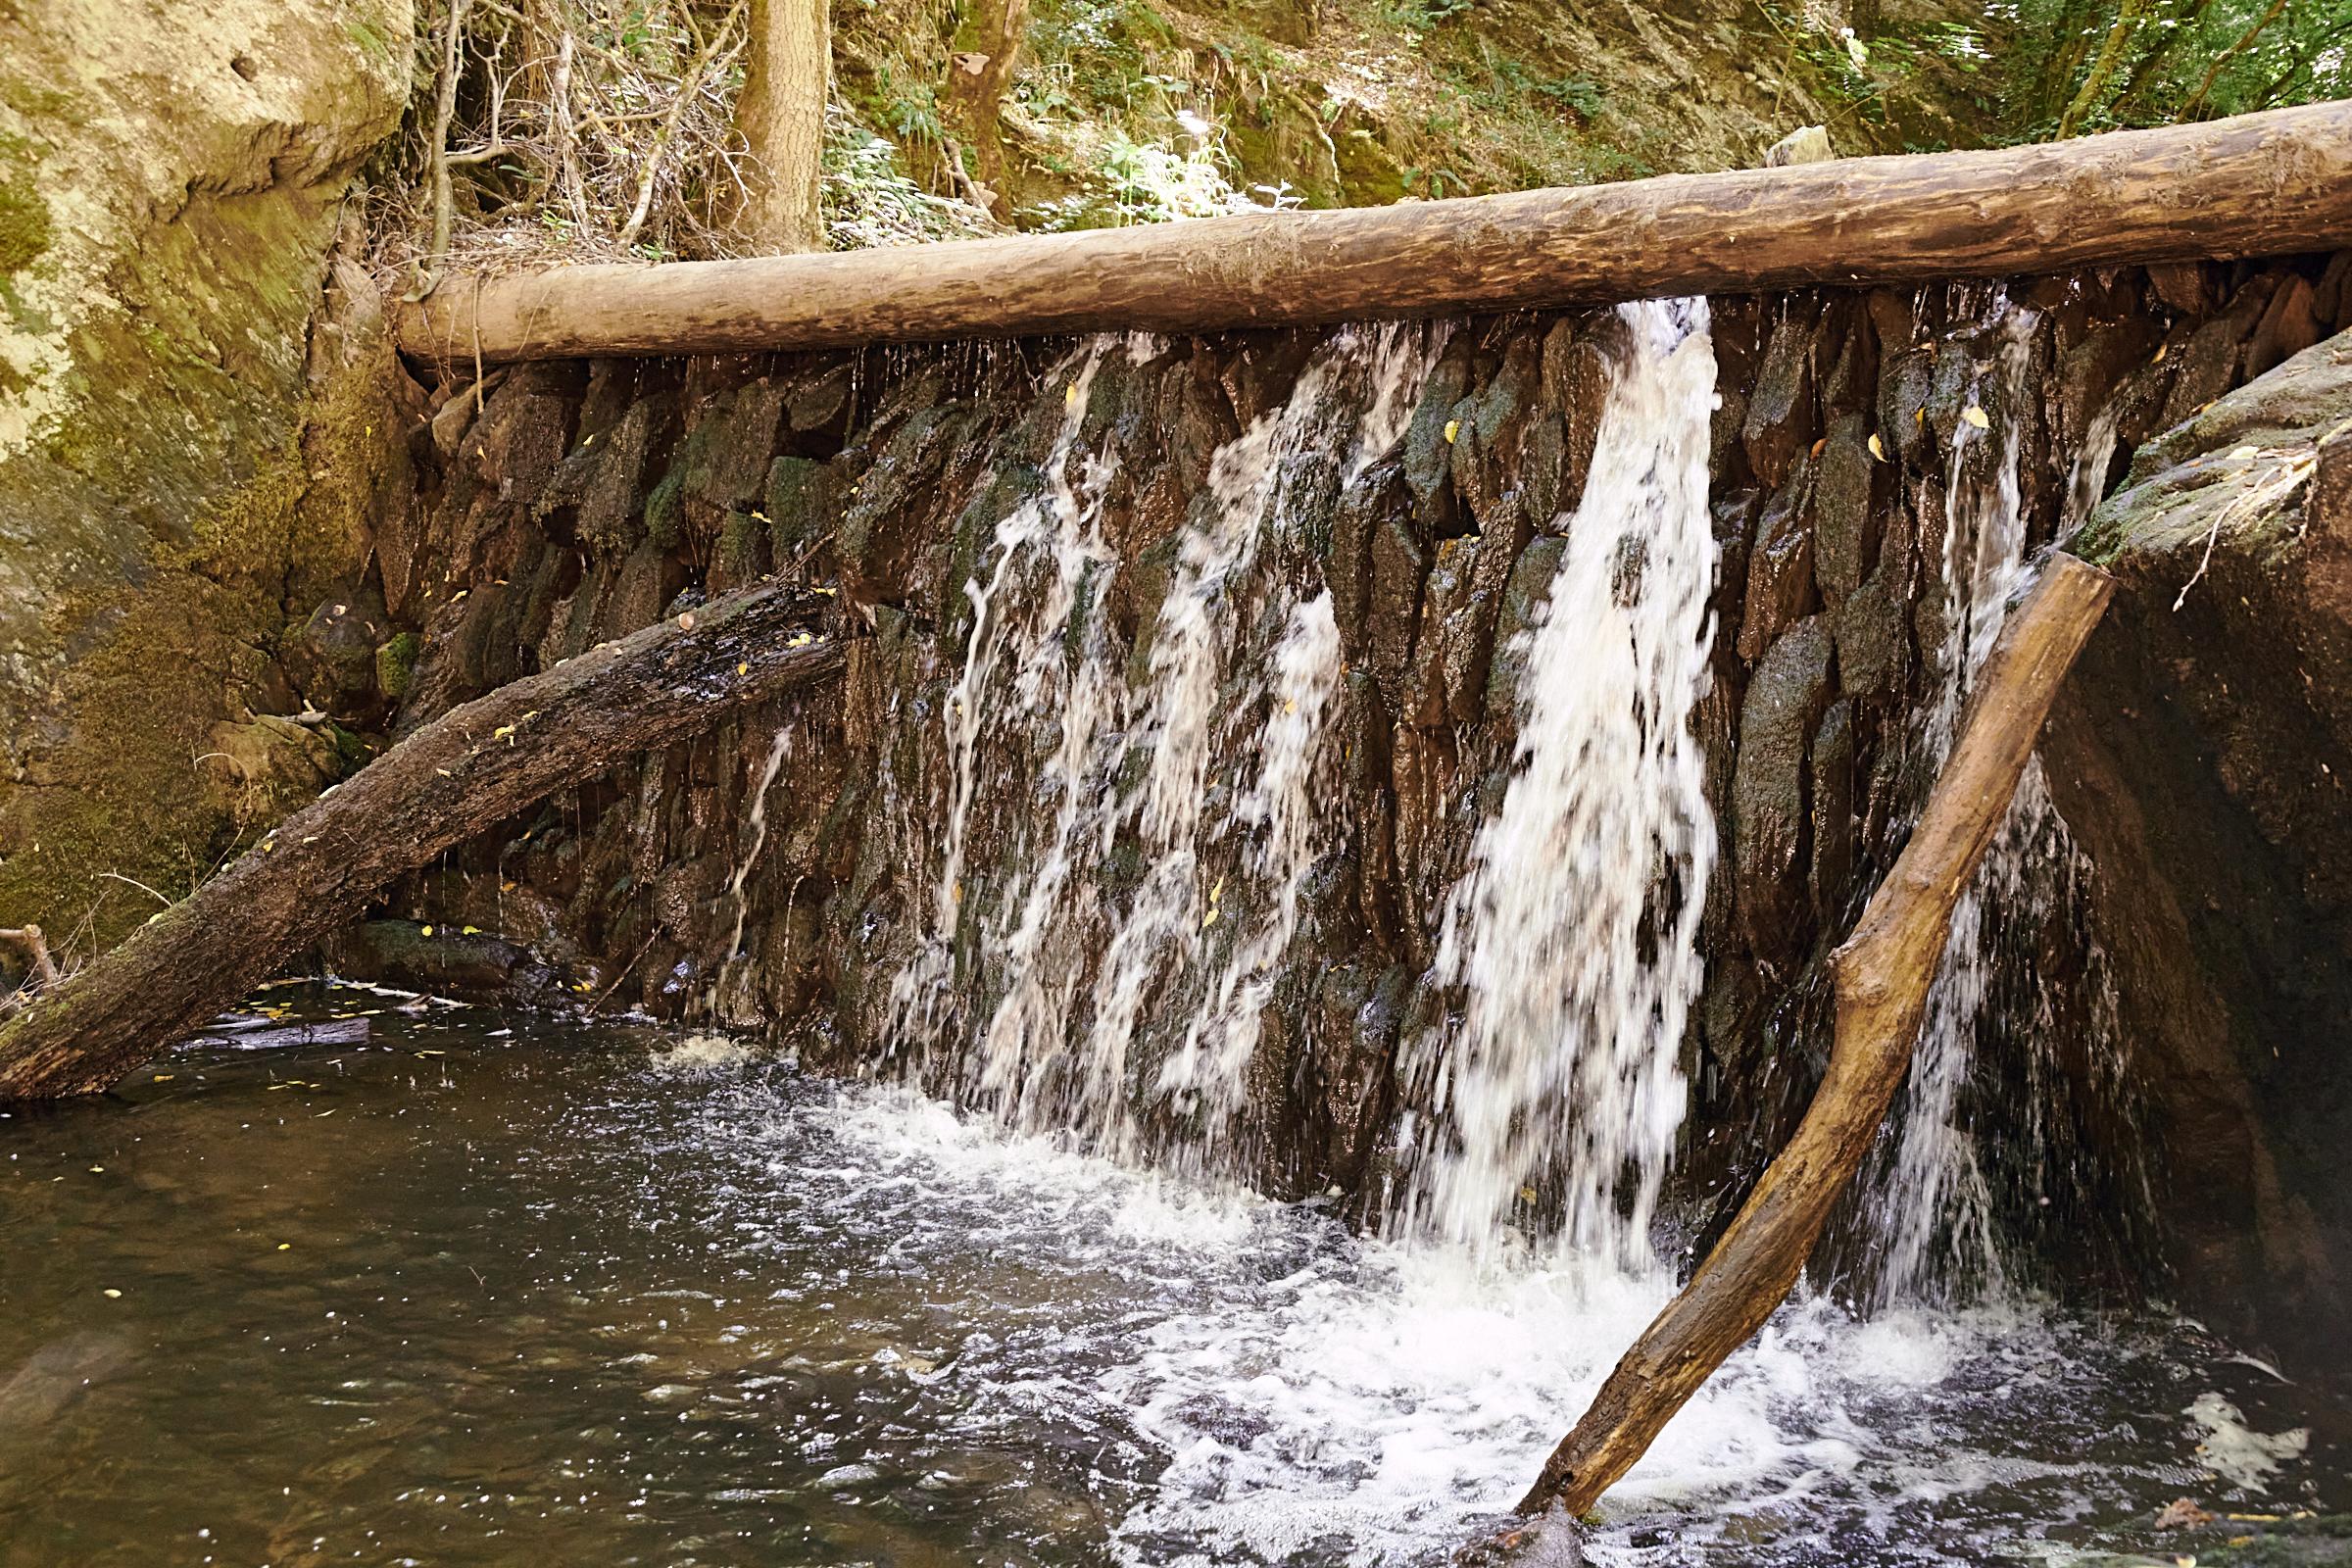 Bild des Monats August 2020: Der kleine Wasserfall